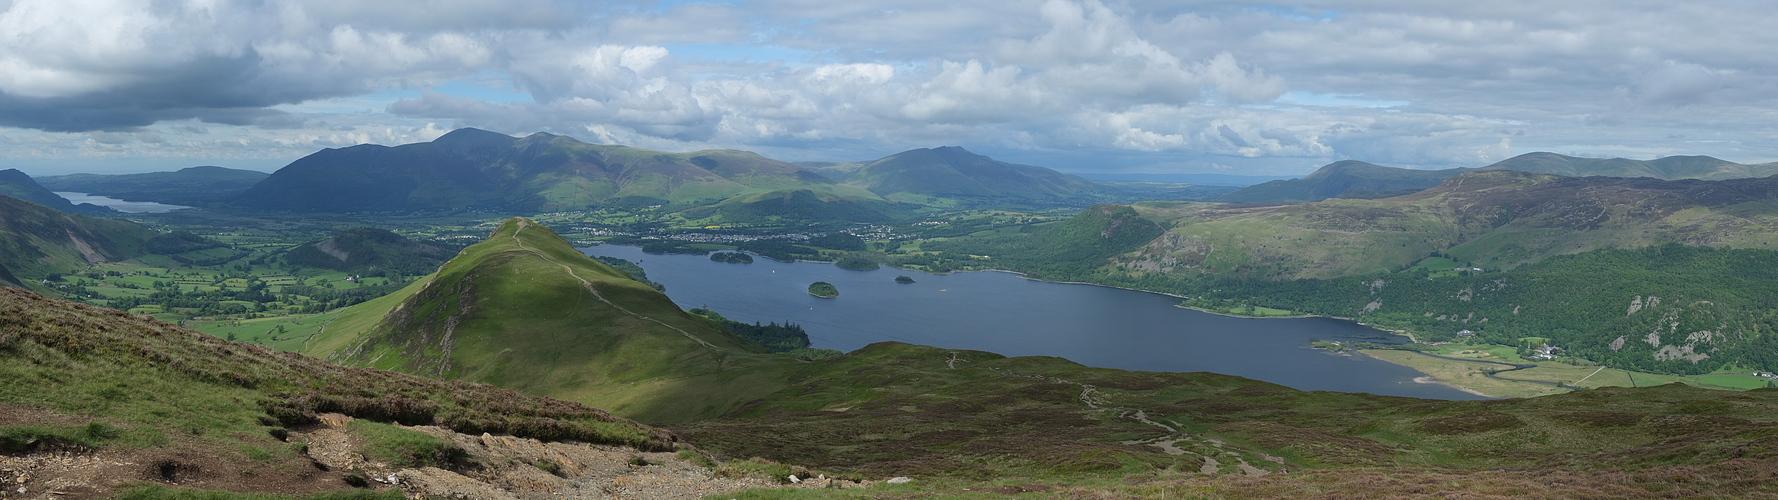 Lake District Panorama 1